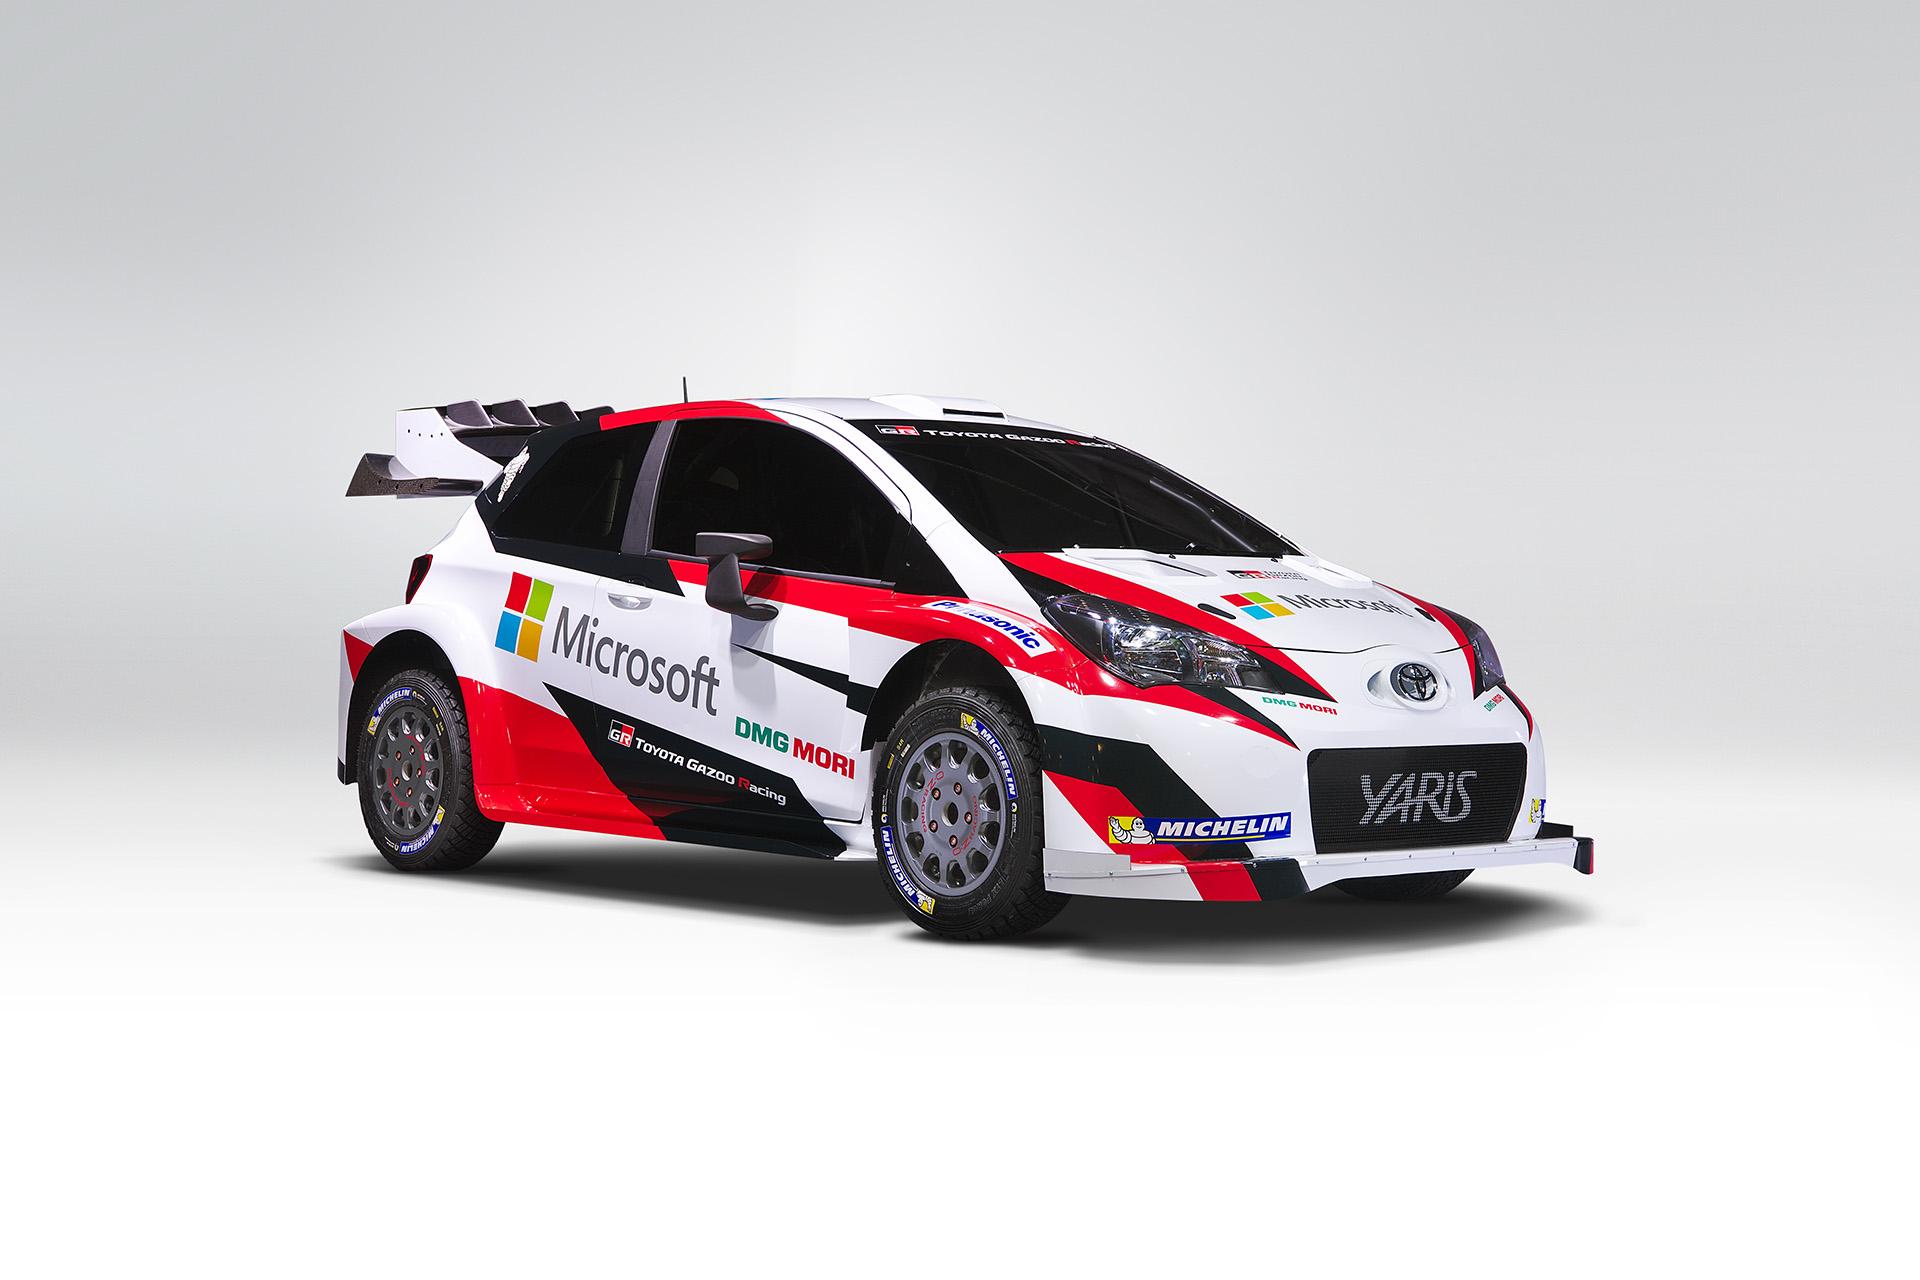 トヨタ自動車、マイクロソフトとFIA世界ラリー選手権(WRC)での協力 ...